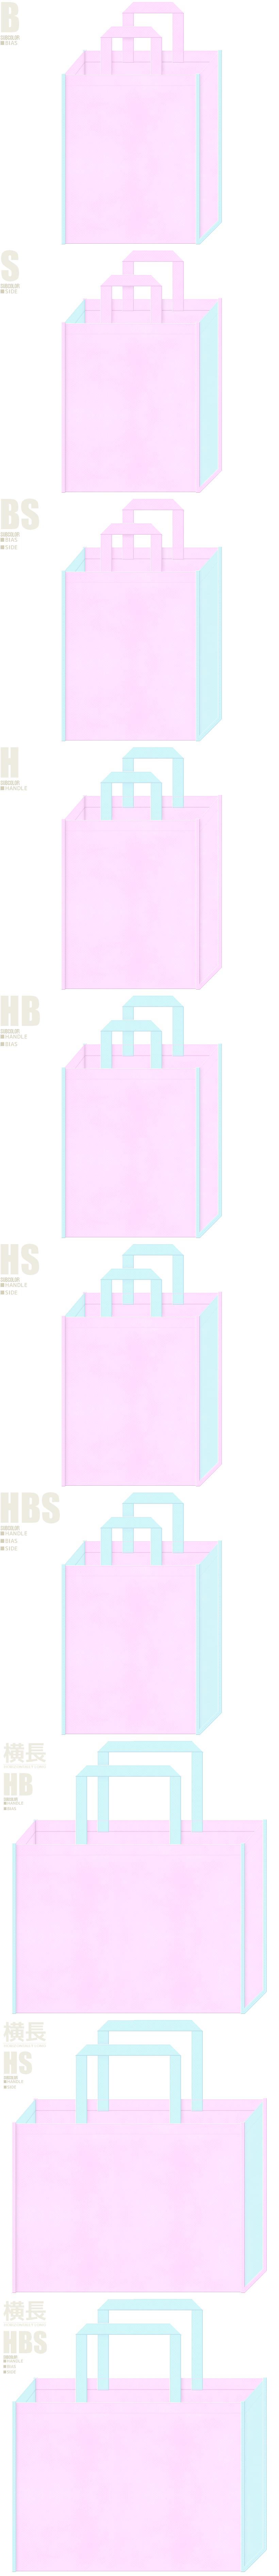 桜・お花見・マーメイド・妖精・プリンセス・ドリーム・潤い・美容・コスメ・洗剤・シャンプー・石鹸・入浴剤・バス用品・パステルカラー・ガーリーデザインにお奨めの不織布バッグデザイン:明るいピンク色と水色の配色7パターン。